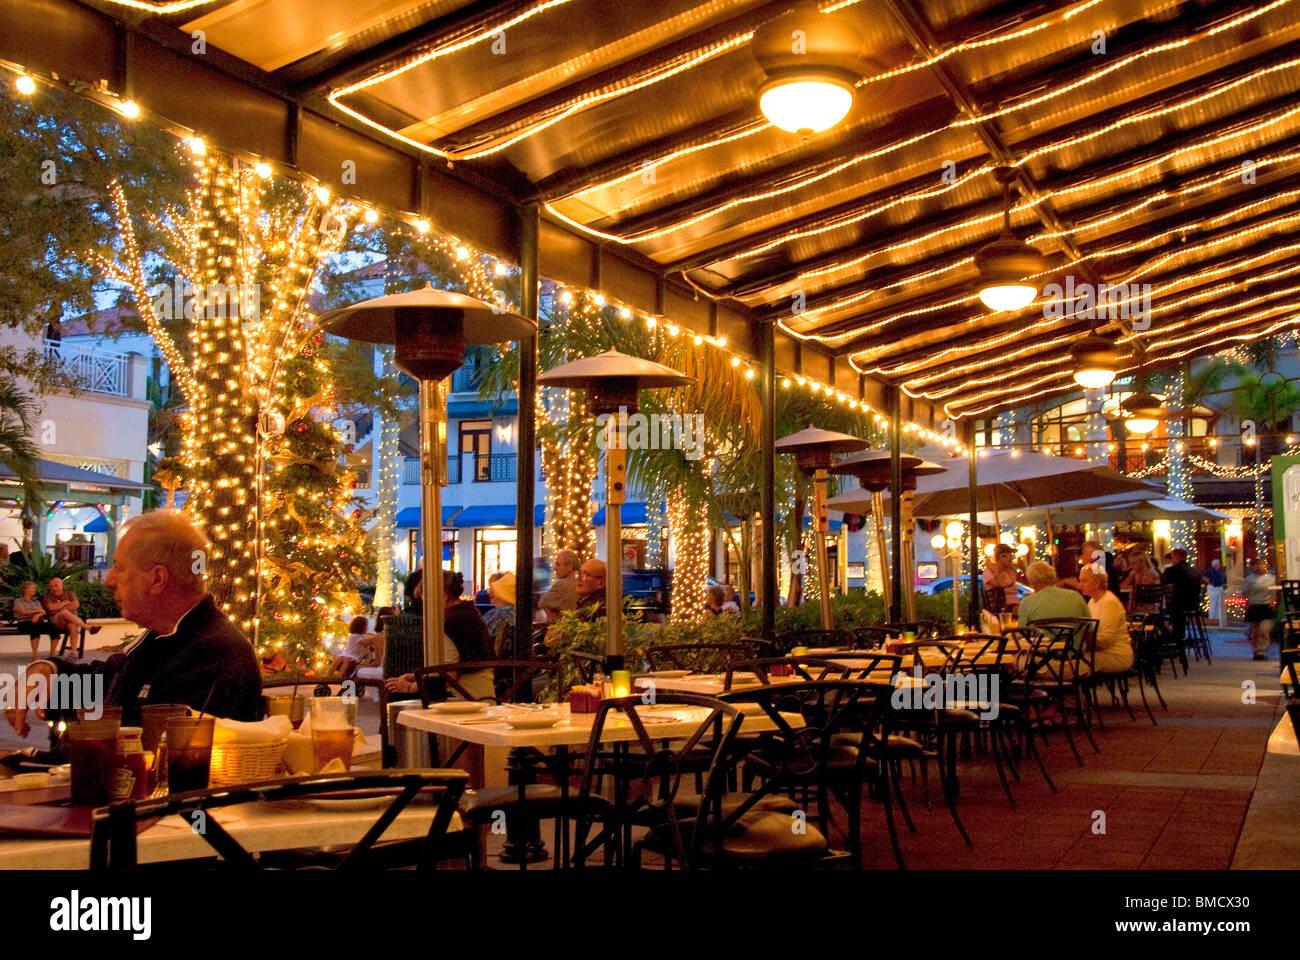 Das Restaurant Patio mit Blick auf einen Platz auf der 5th Avenue South während der Weihnachtsfeierlichkeiten Stockbild